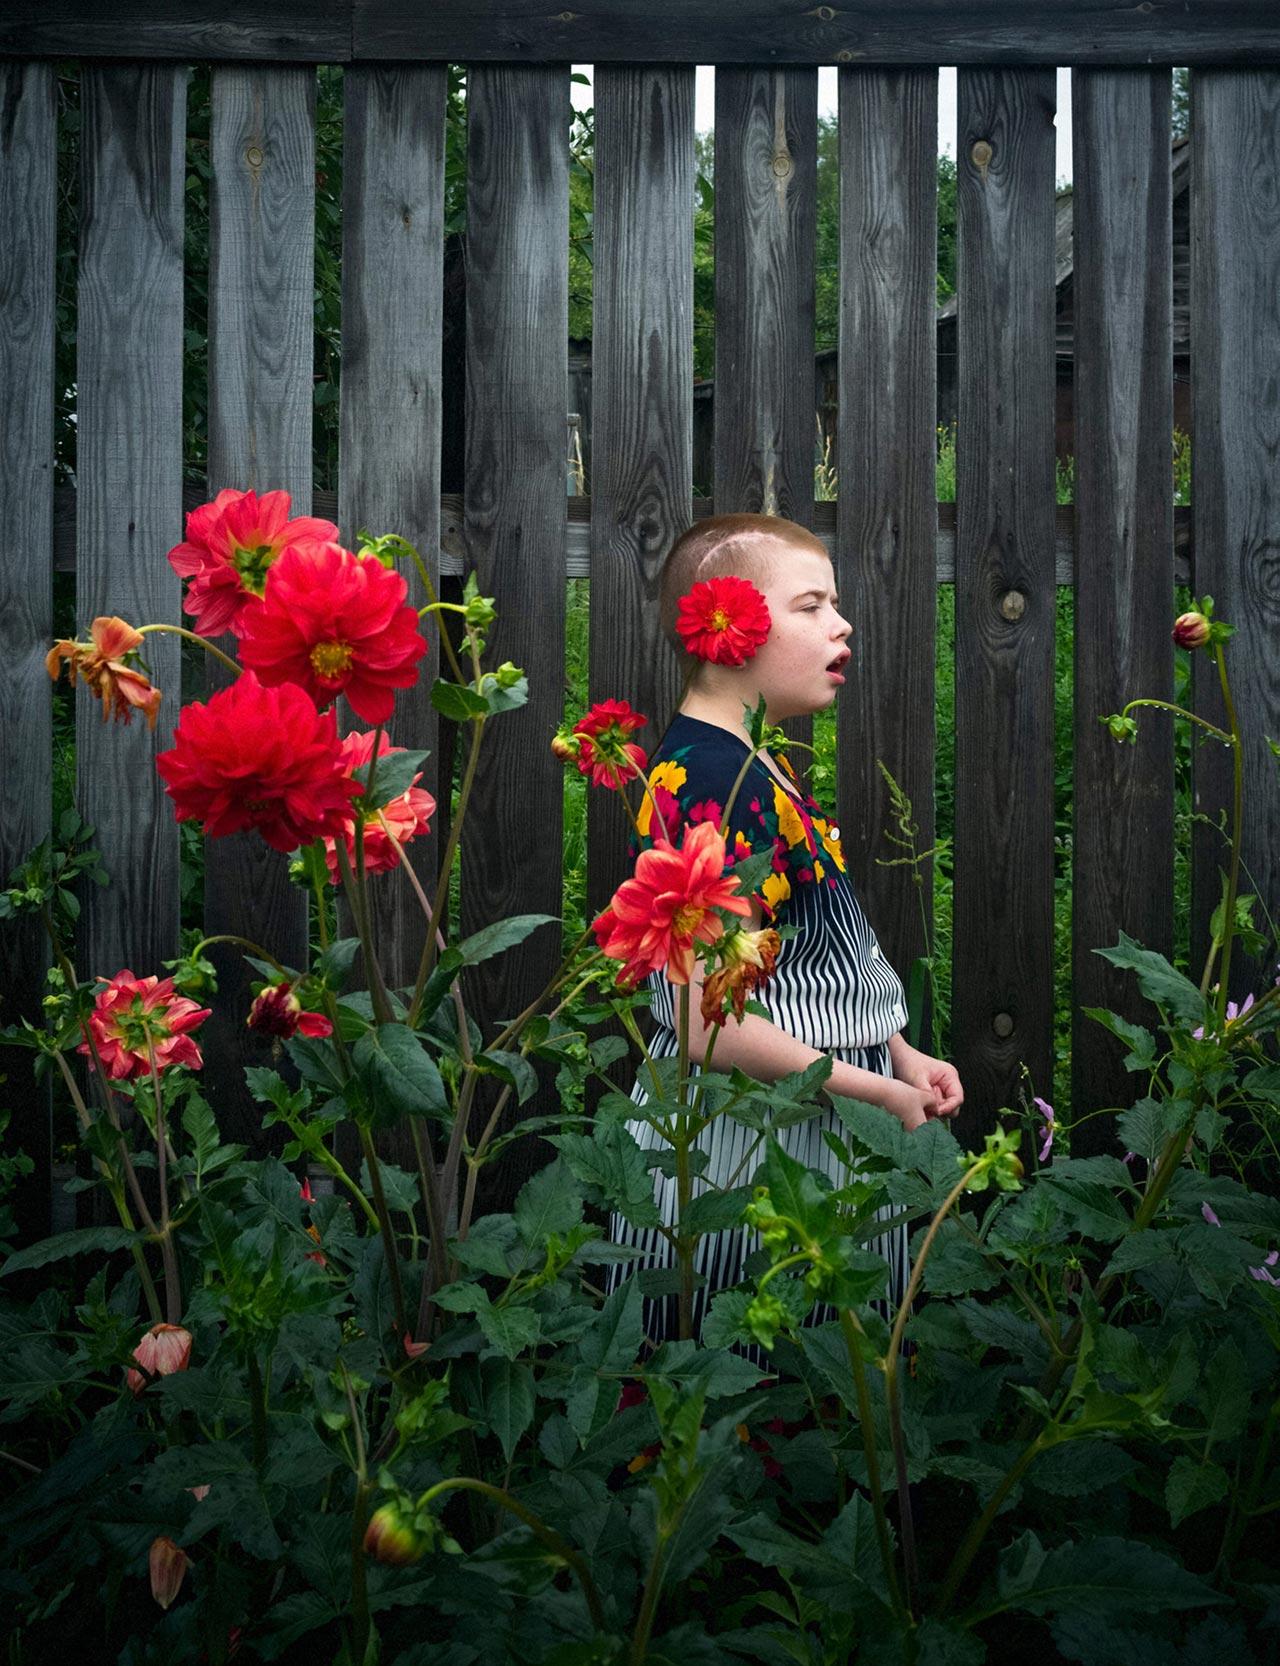 Anastasia Rudenko ist mit »Mental Illness in Russia« die Gewinnerin des Canon Female Photojournalist Awards. Foto: Anastasia Rudenko